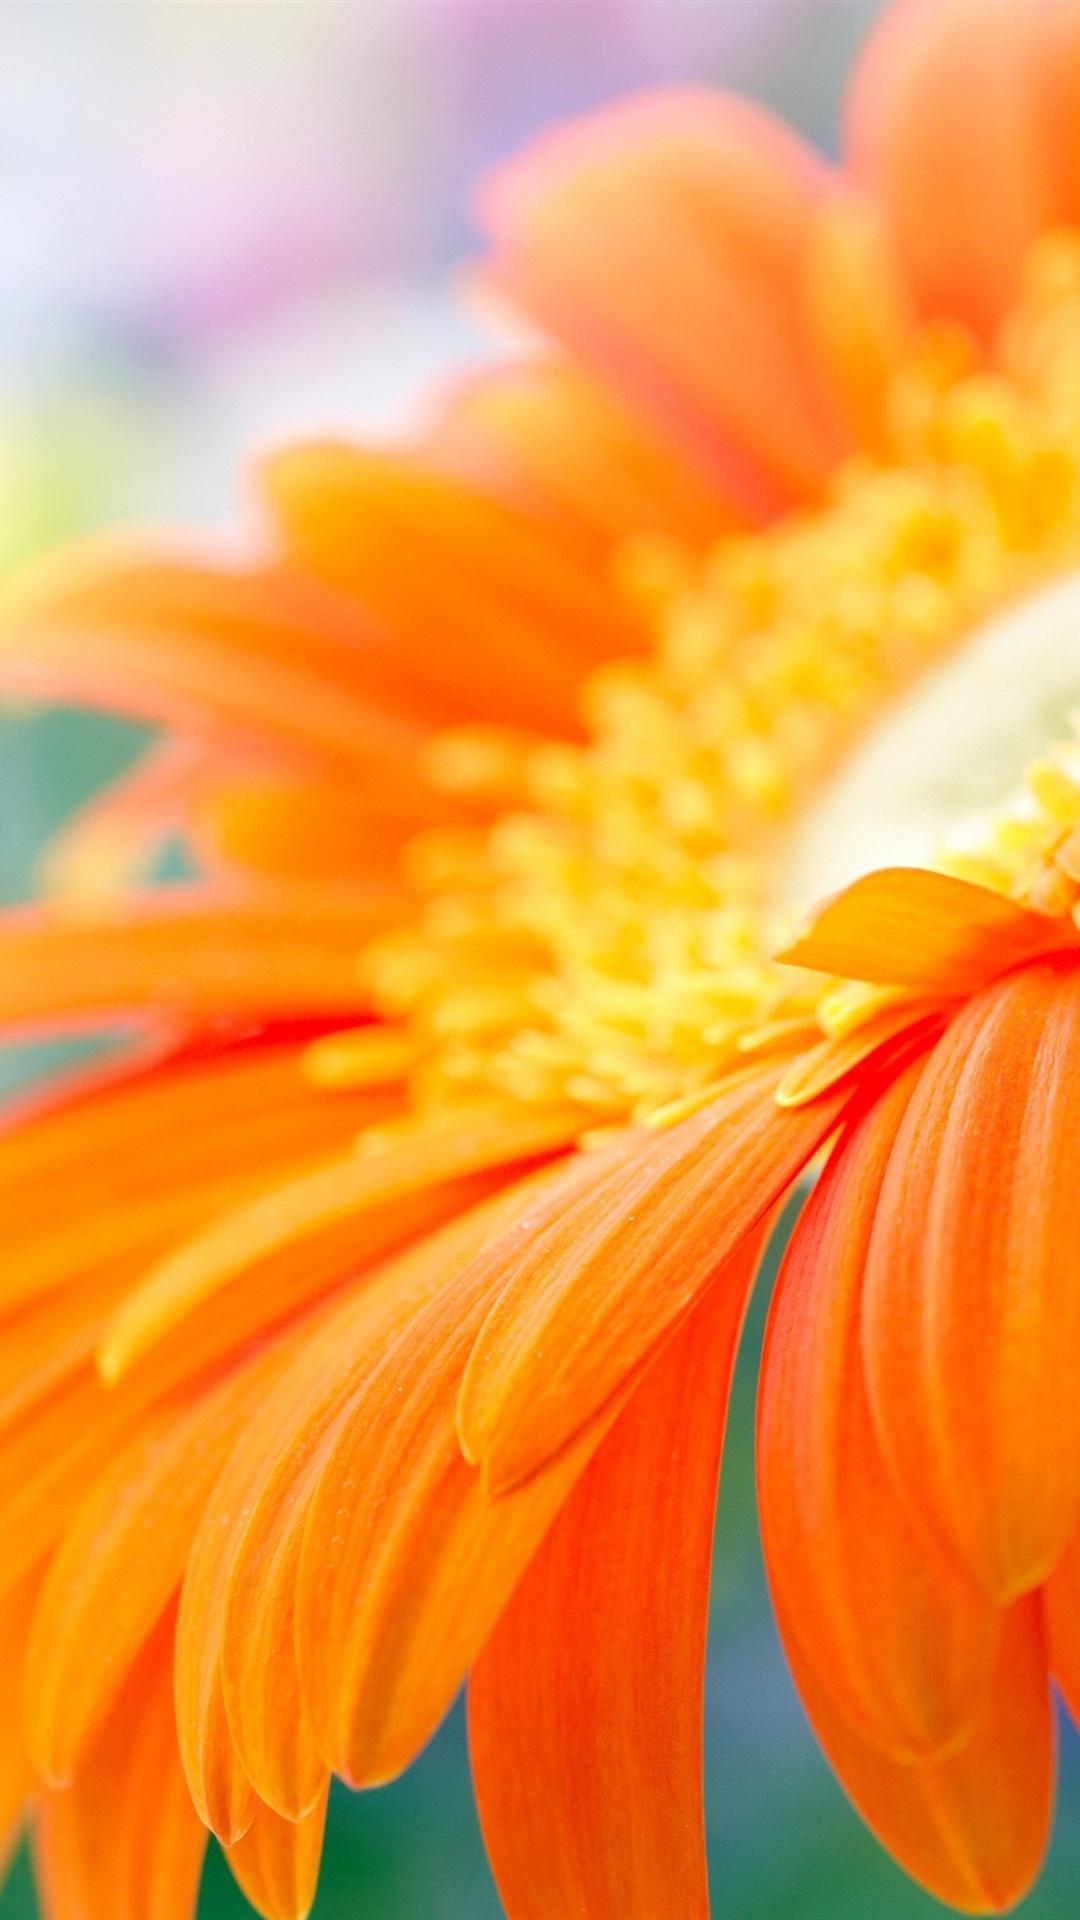 水中のオレンジガーベラの花 1080x1920 Iphone 8 7 6 6s Plus 壁紙